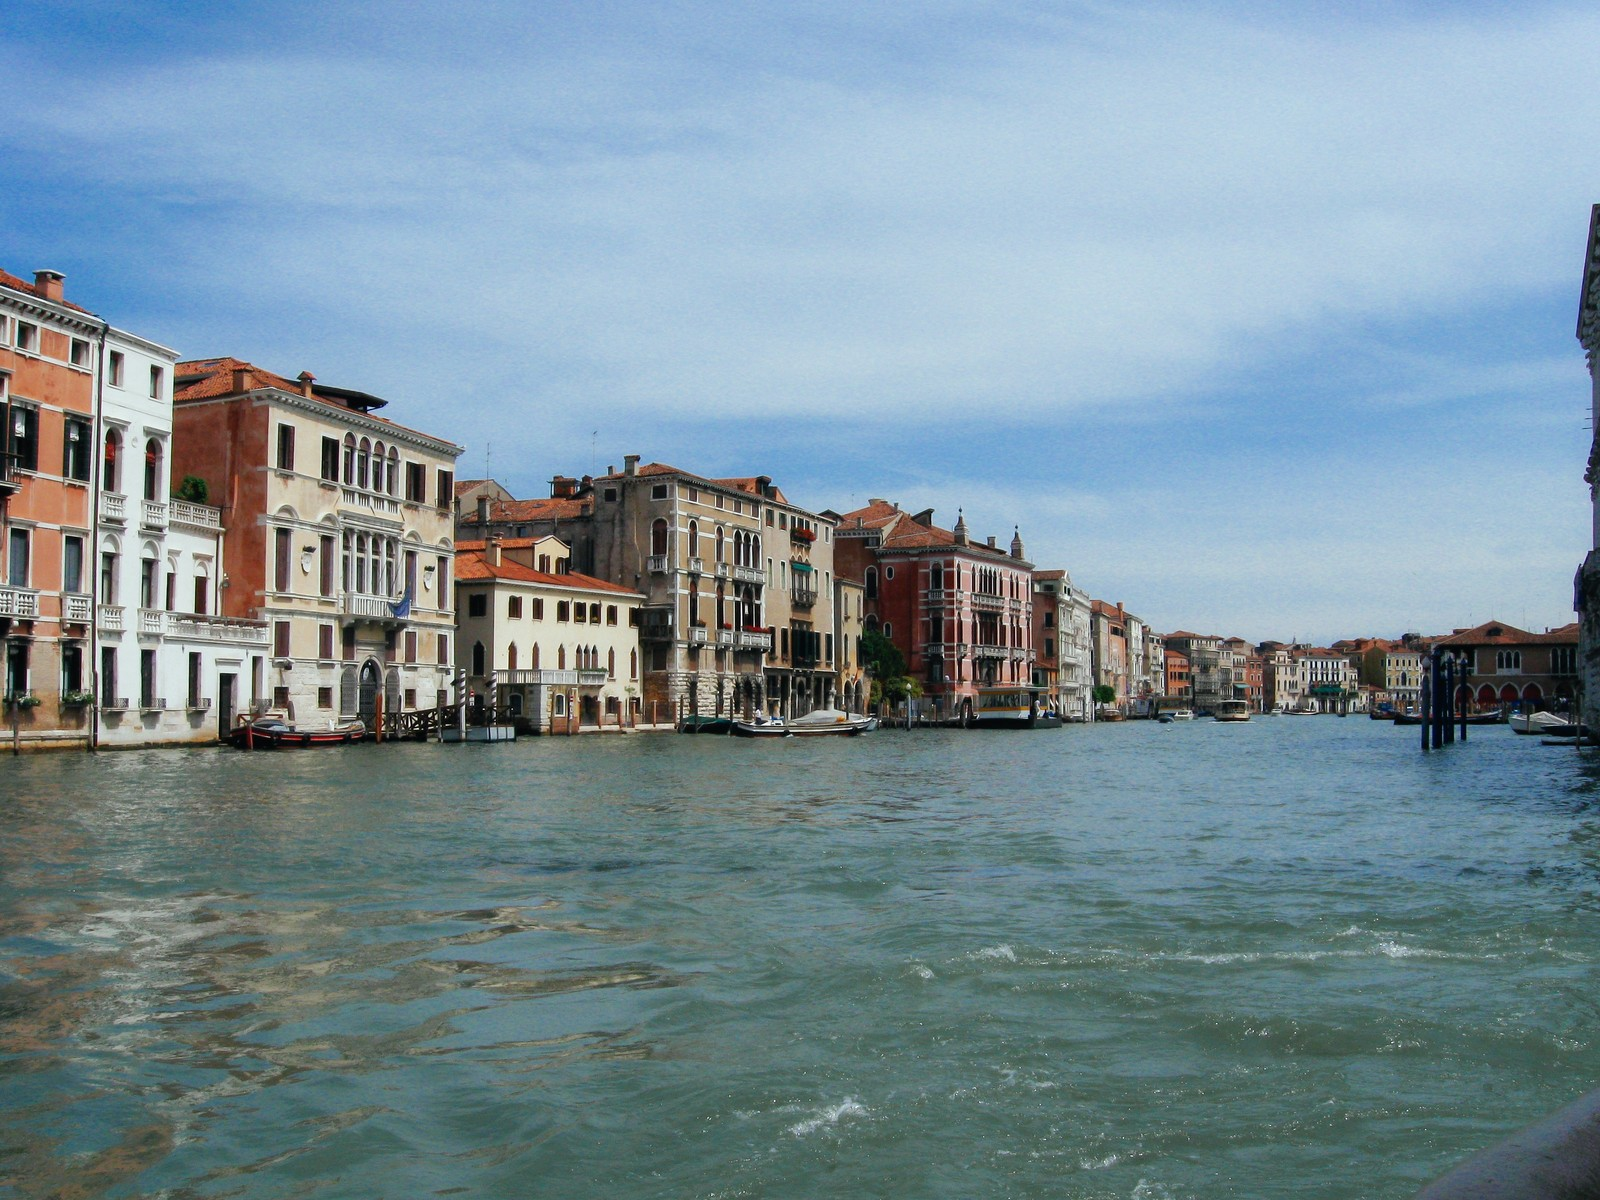 「ヴェネツィアの街並みと水路(イタリア)」の写真